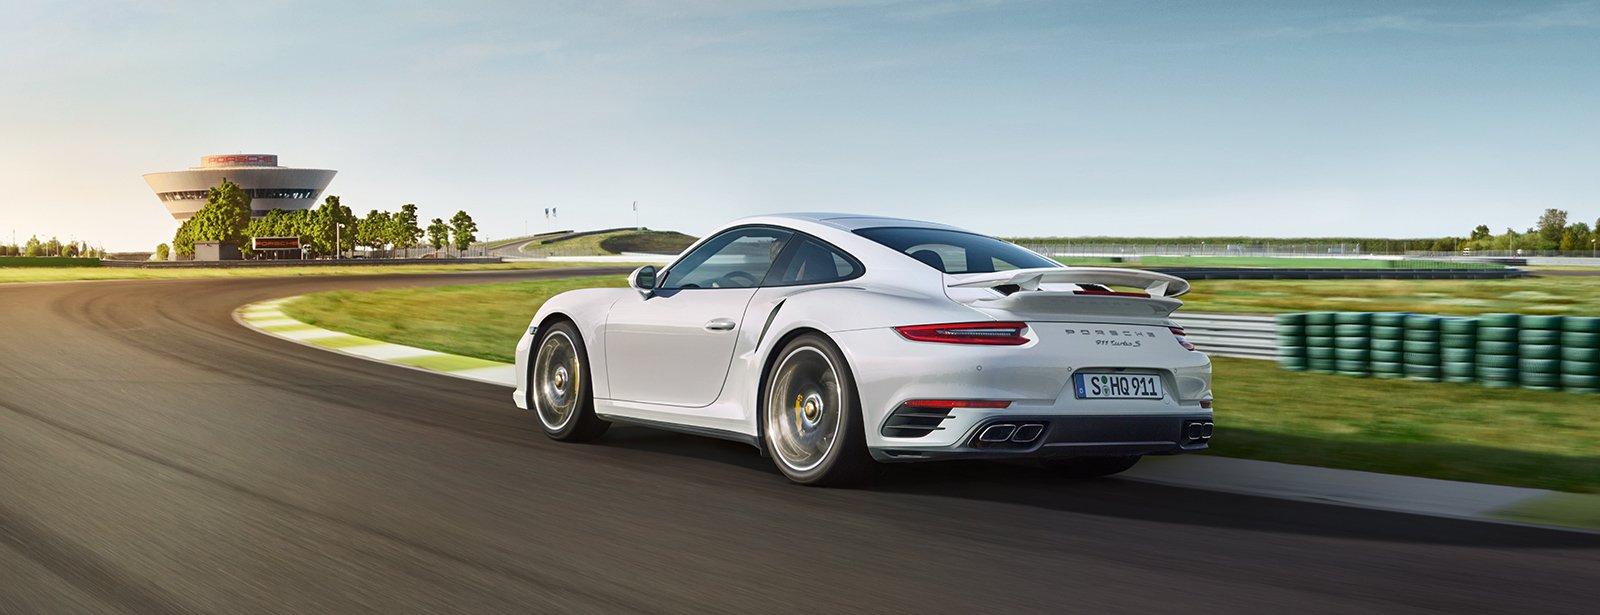 erlebnisprogramme porsche leipzig gmbh download image 1600 x 615 - Bewerbung Porsche Leipzig